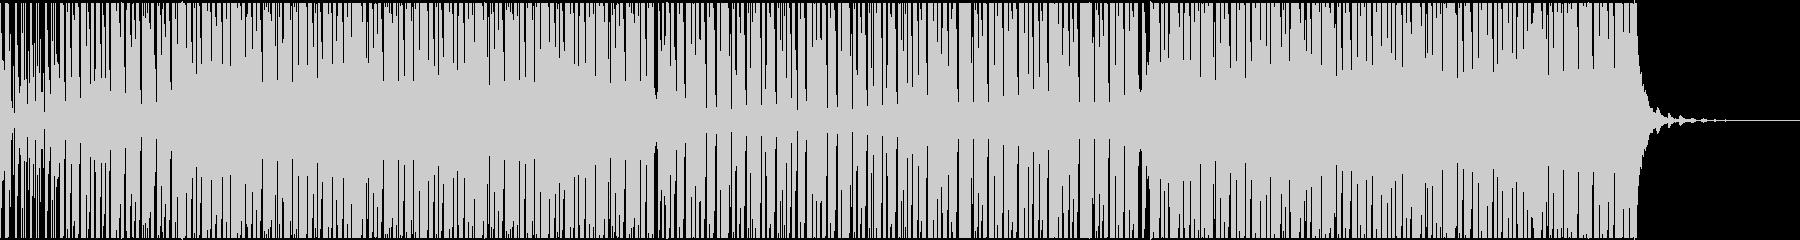 強いコーポレート系EDM。勝てるBGM。の未再生の波形